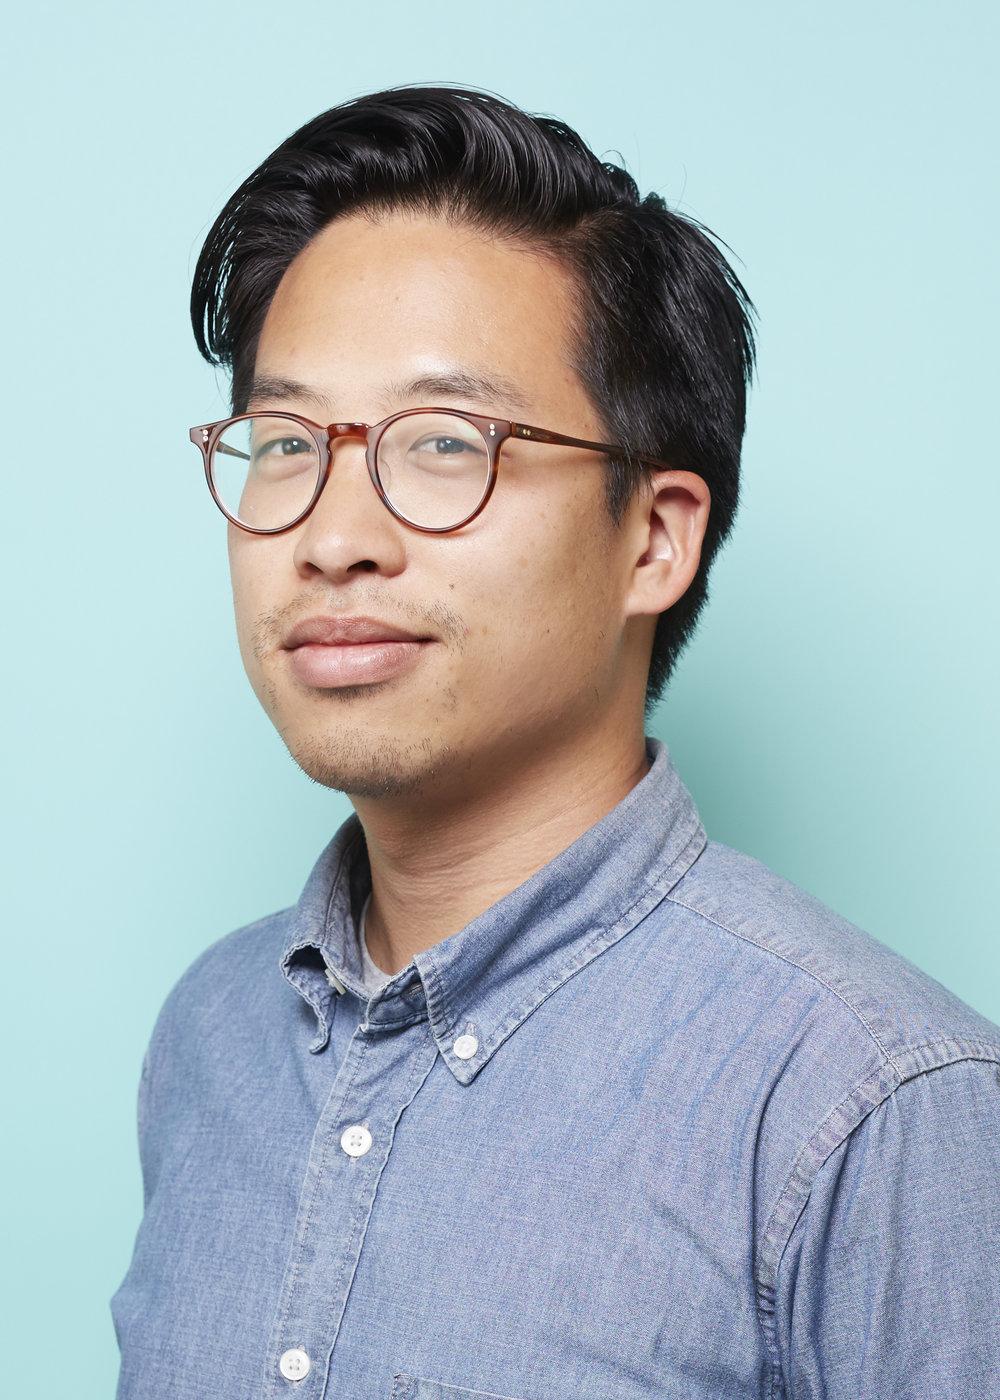 Michael-Wang - 06.jpg